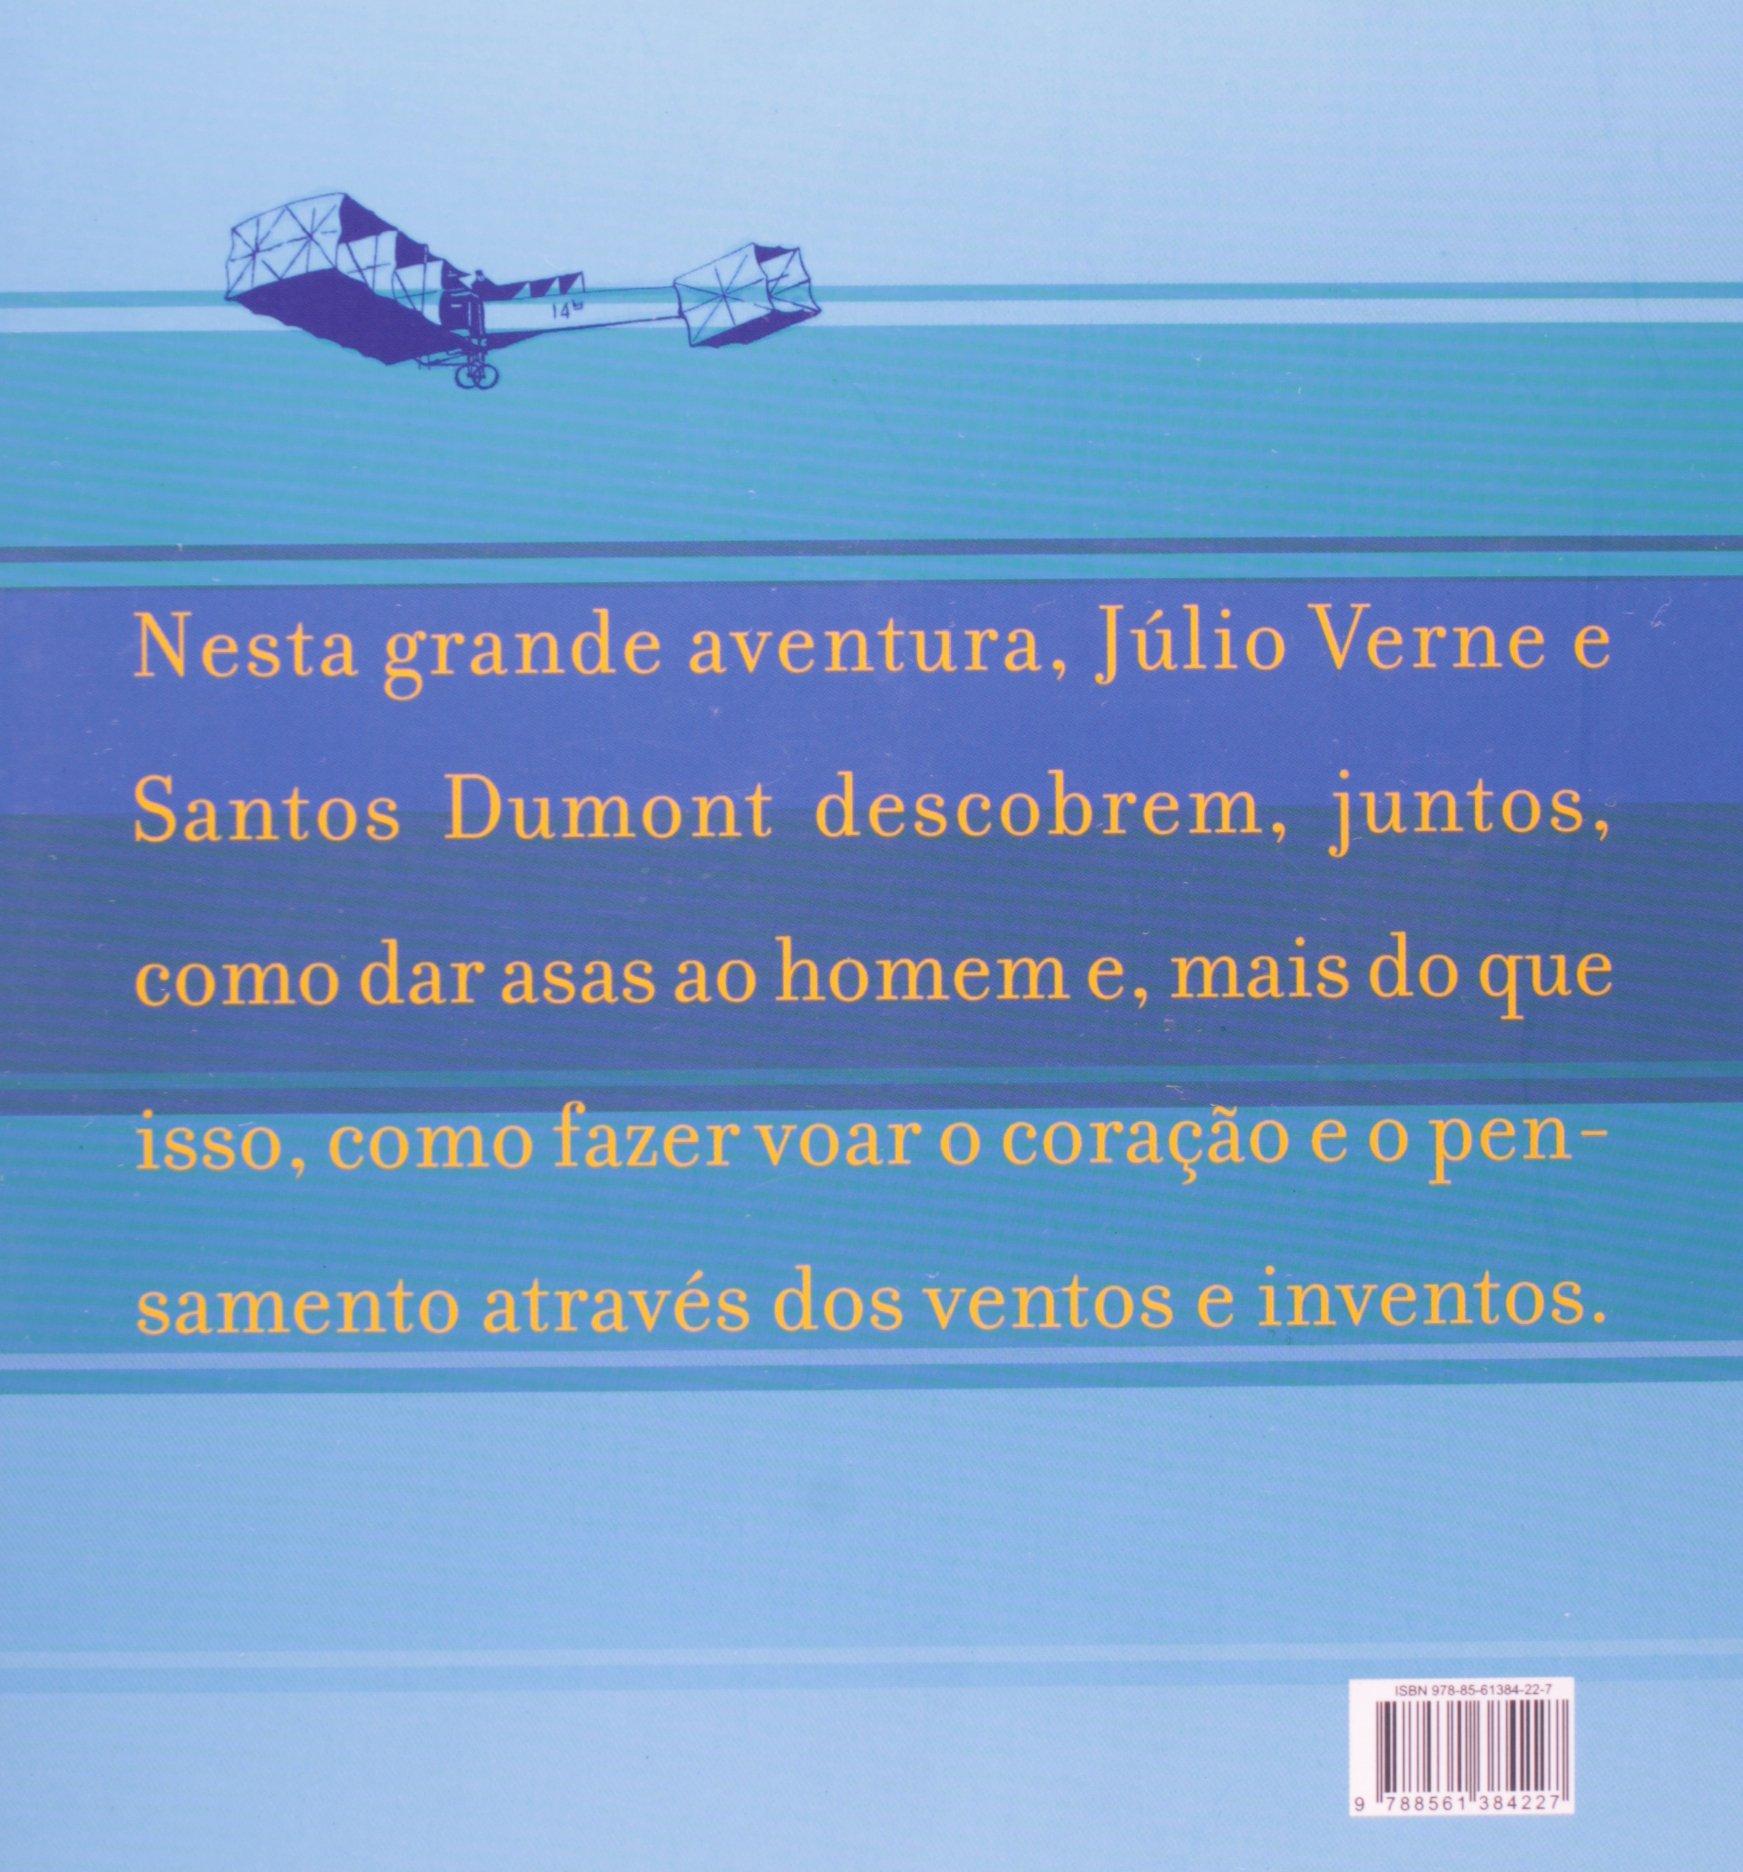 MEUS BALOES, OS - O INCRIVEL ENCONTRO DE JULIO VERNE COM SANTOS DUMONT: Karen Acioly: 9788561384227: Amazon.com: Books